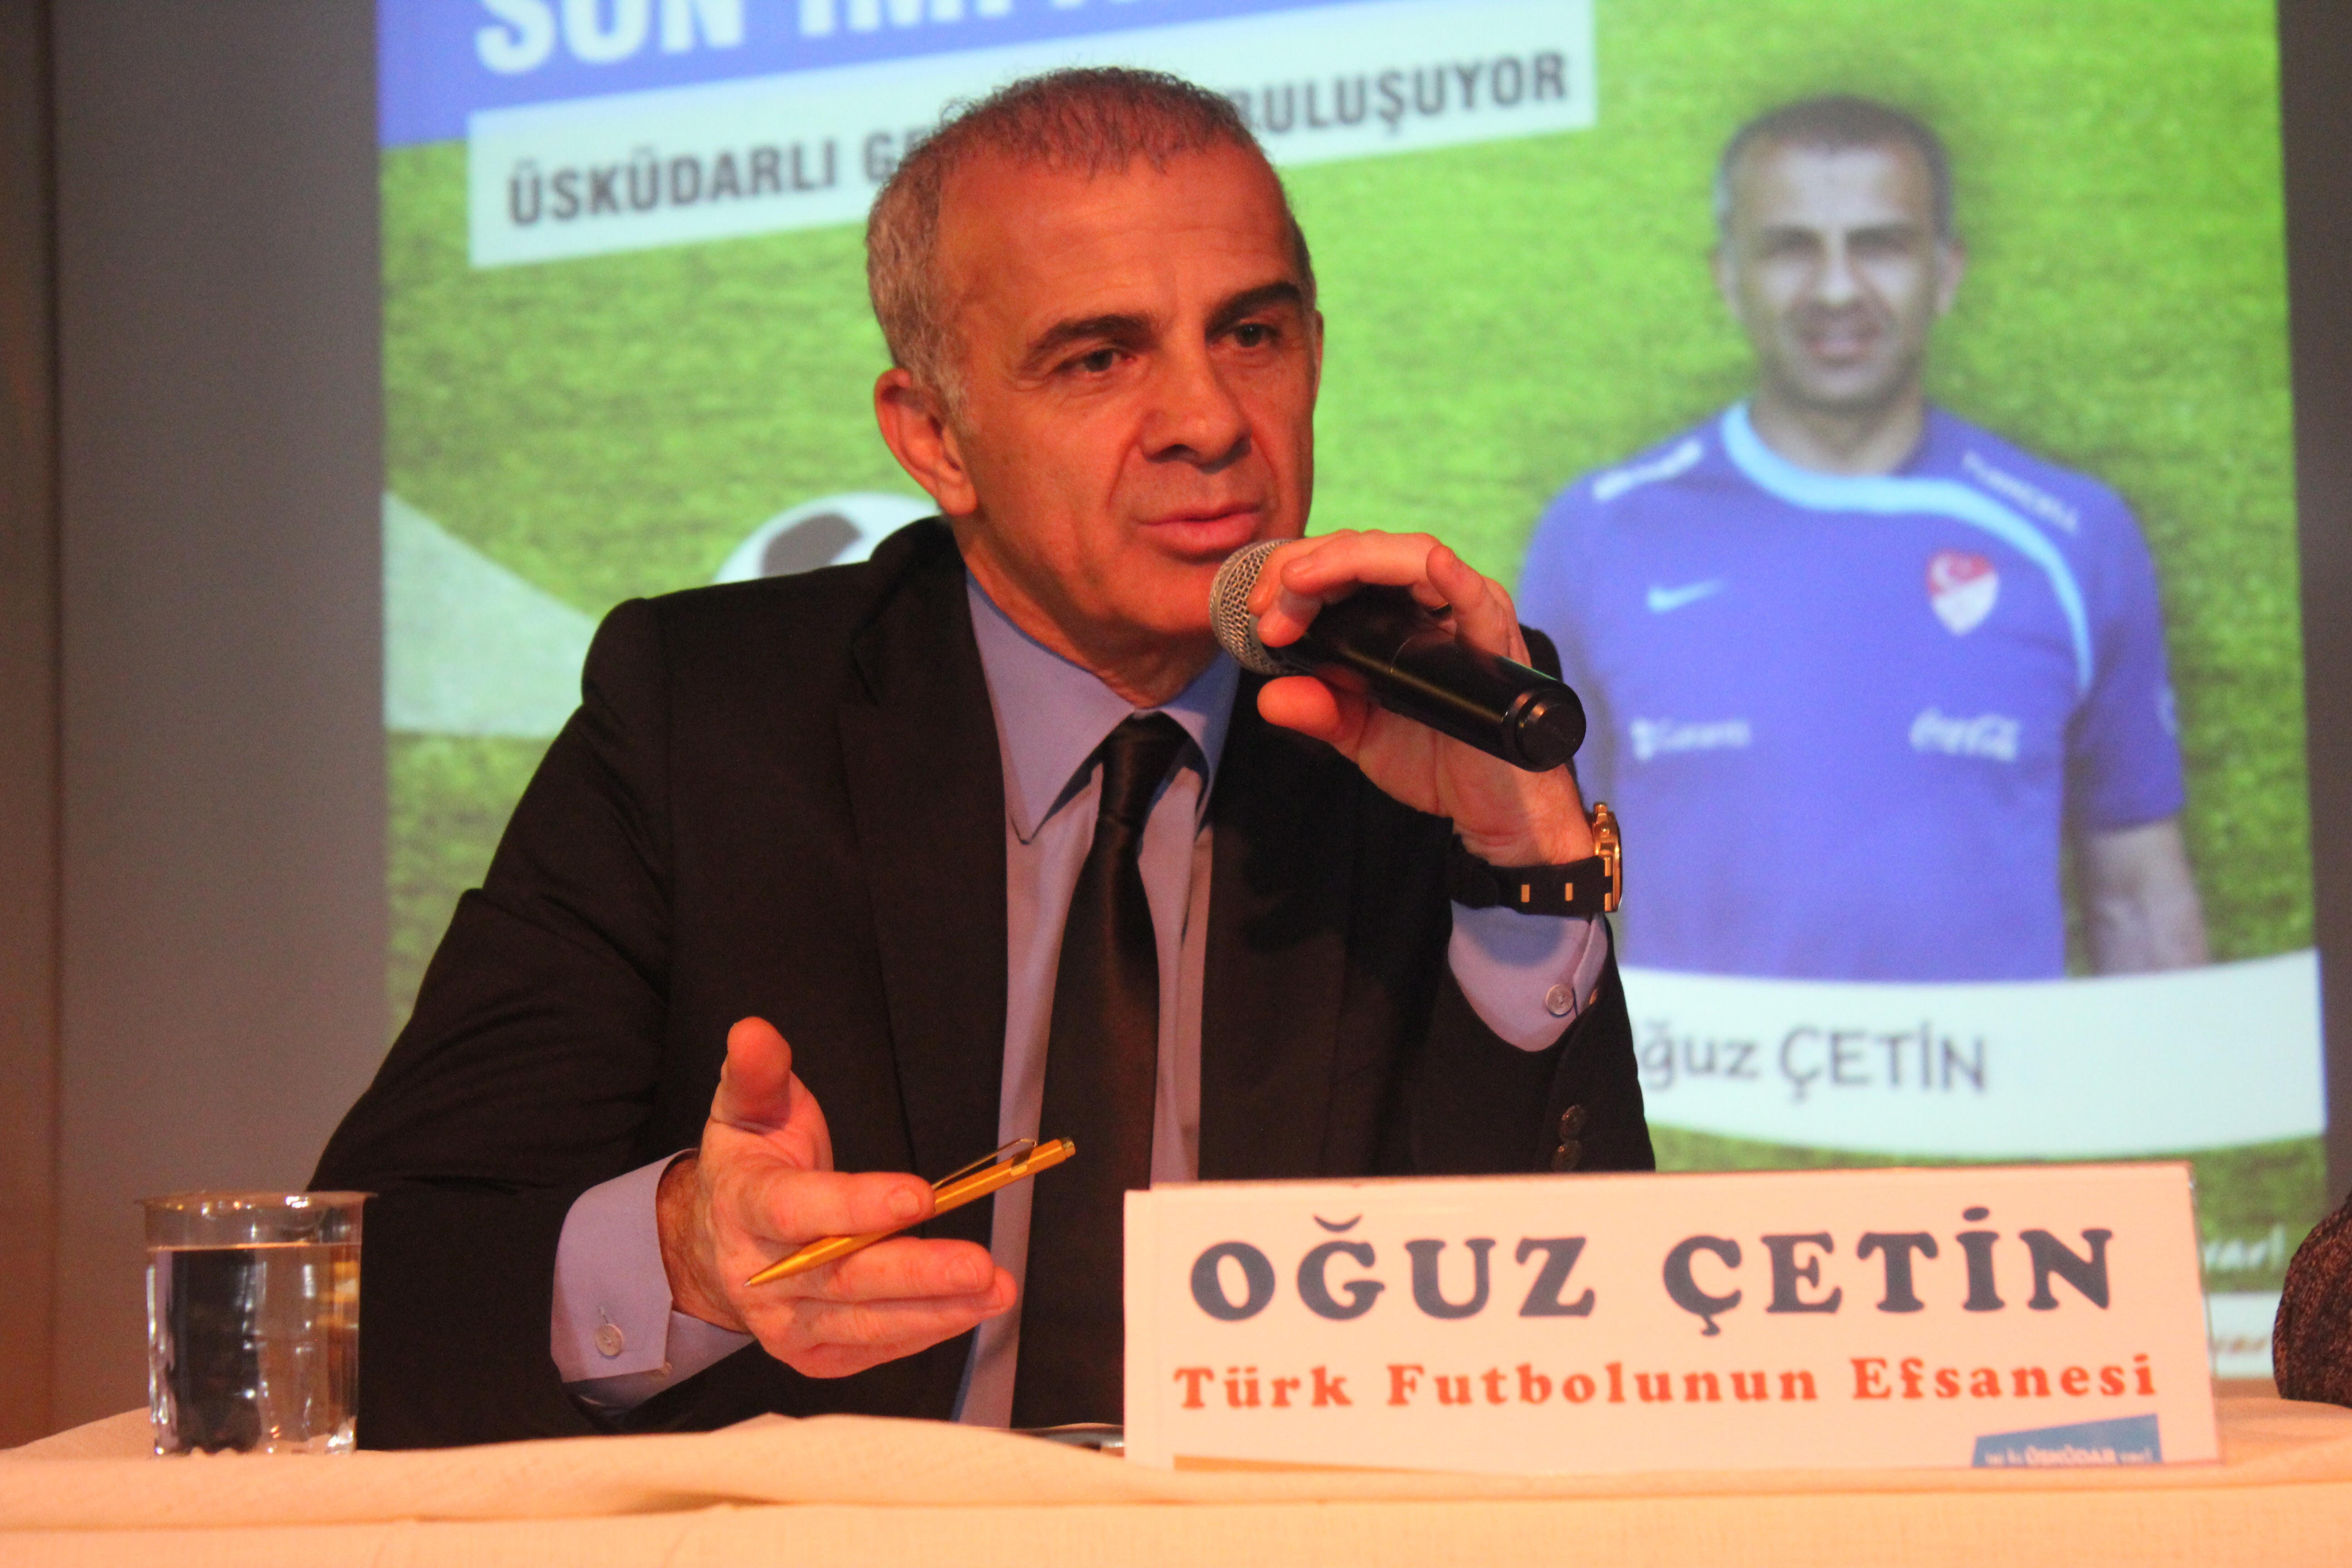 Oğuz Çetin: 'Bugün Türk futbolunun ihtiyaç duyduğu şey...'